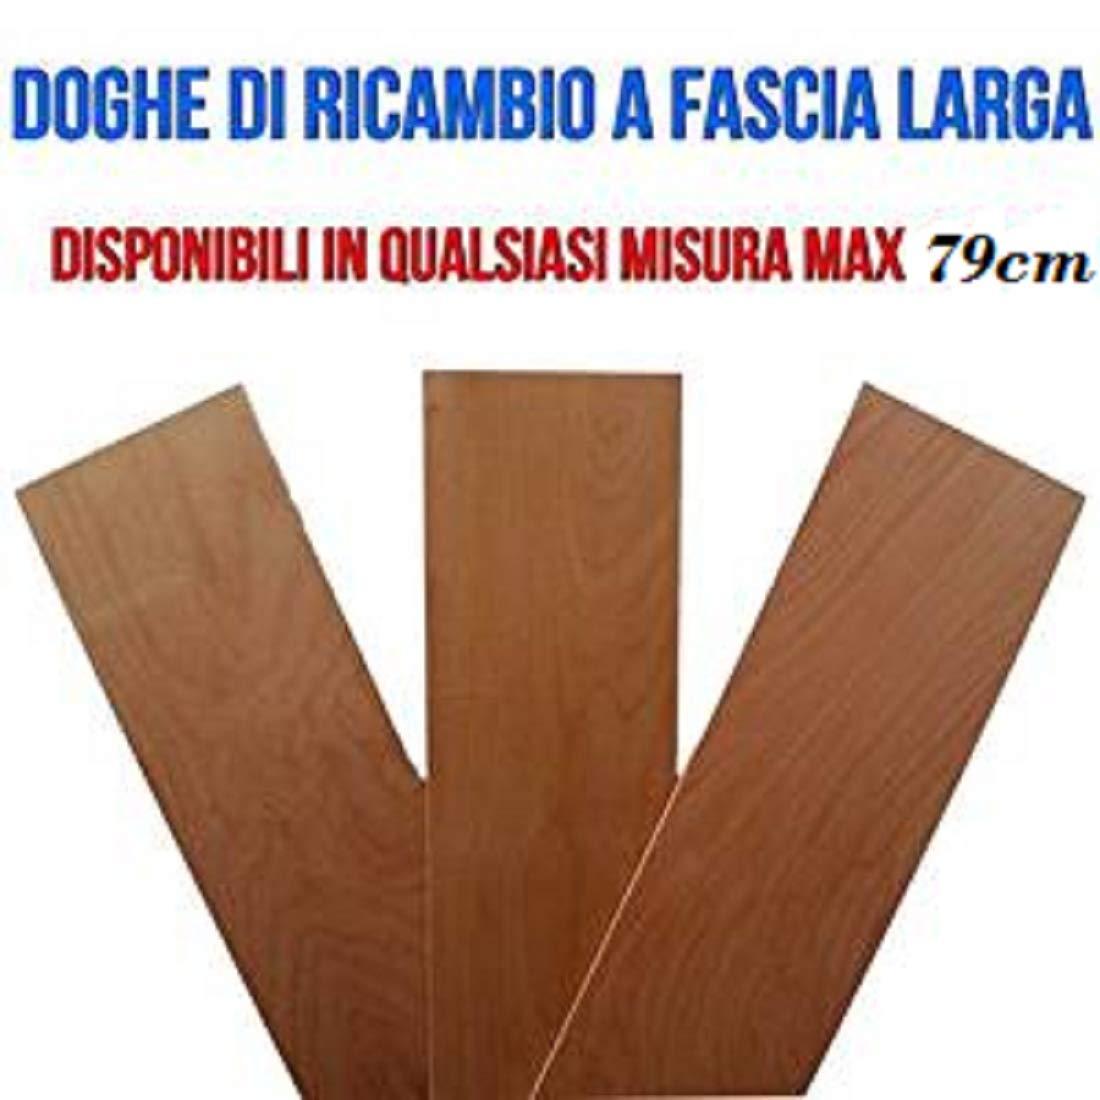 DOGHE DOGA per Ricambio A Fascia Larga 790x170mm in Legno di FAGGIO ...